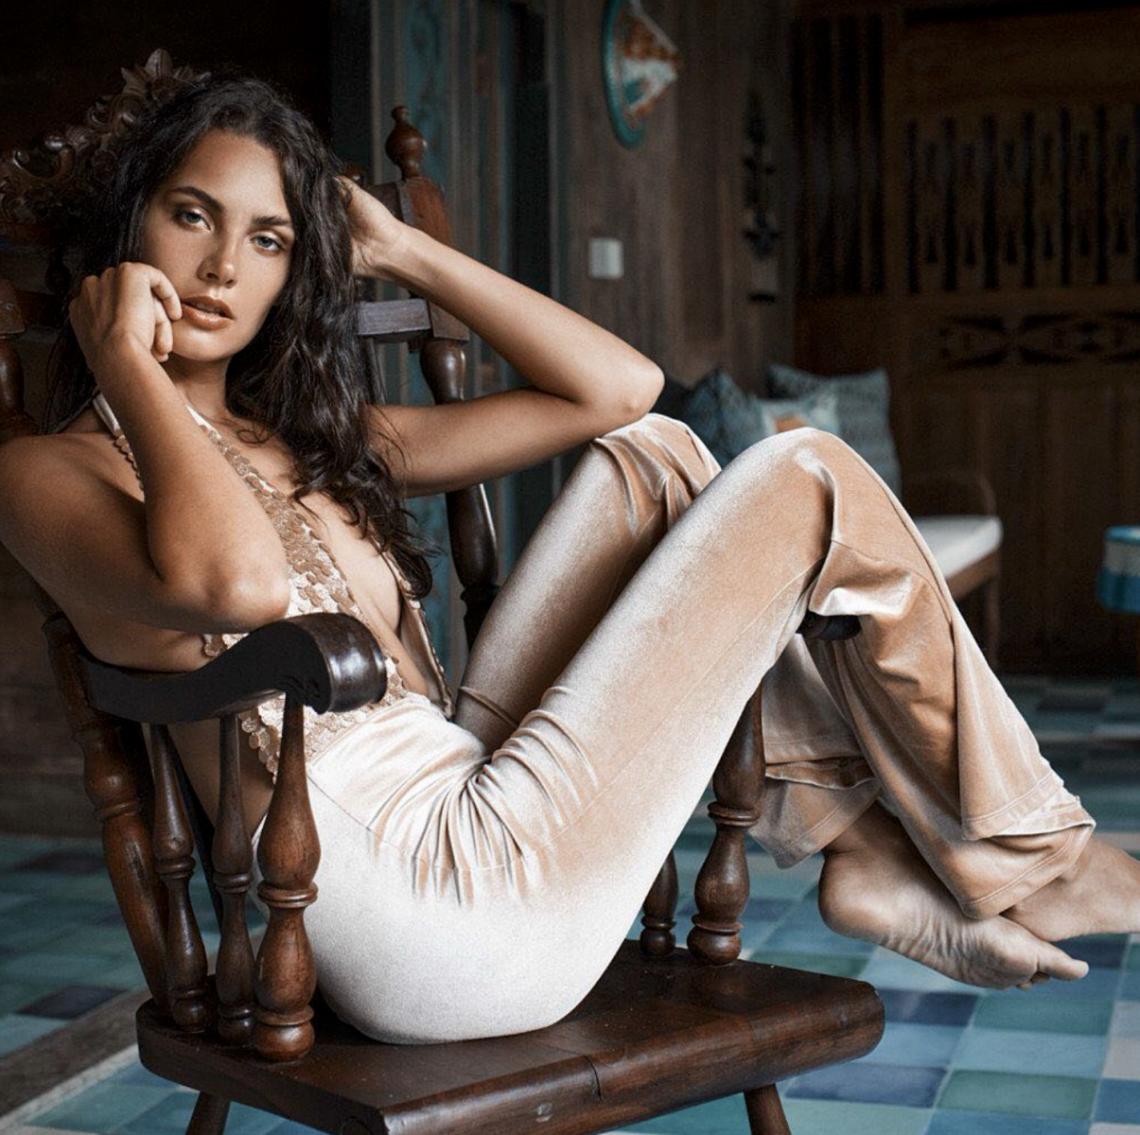 Balistarz-model-Rosalinde-Mulder-sitting-on-a-wood-chair